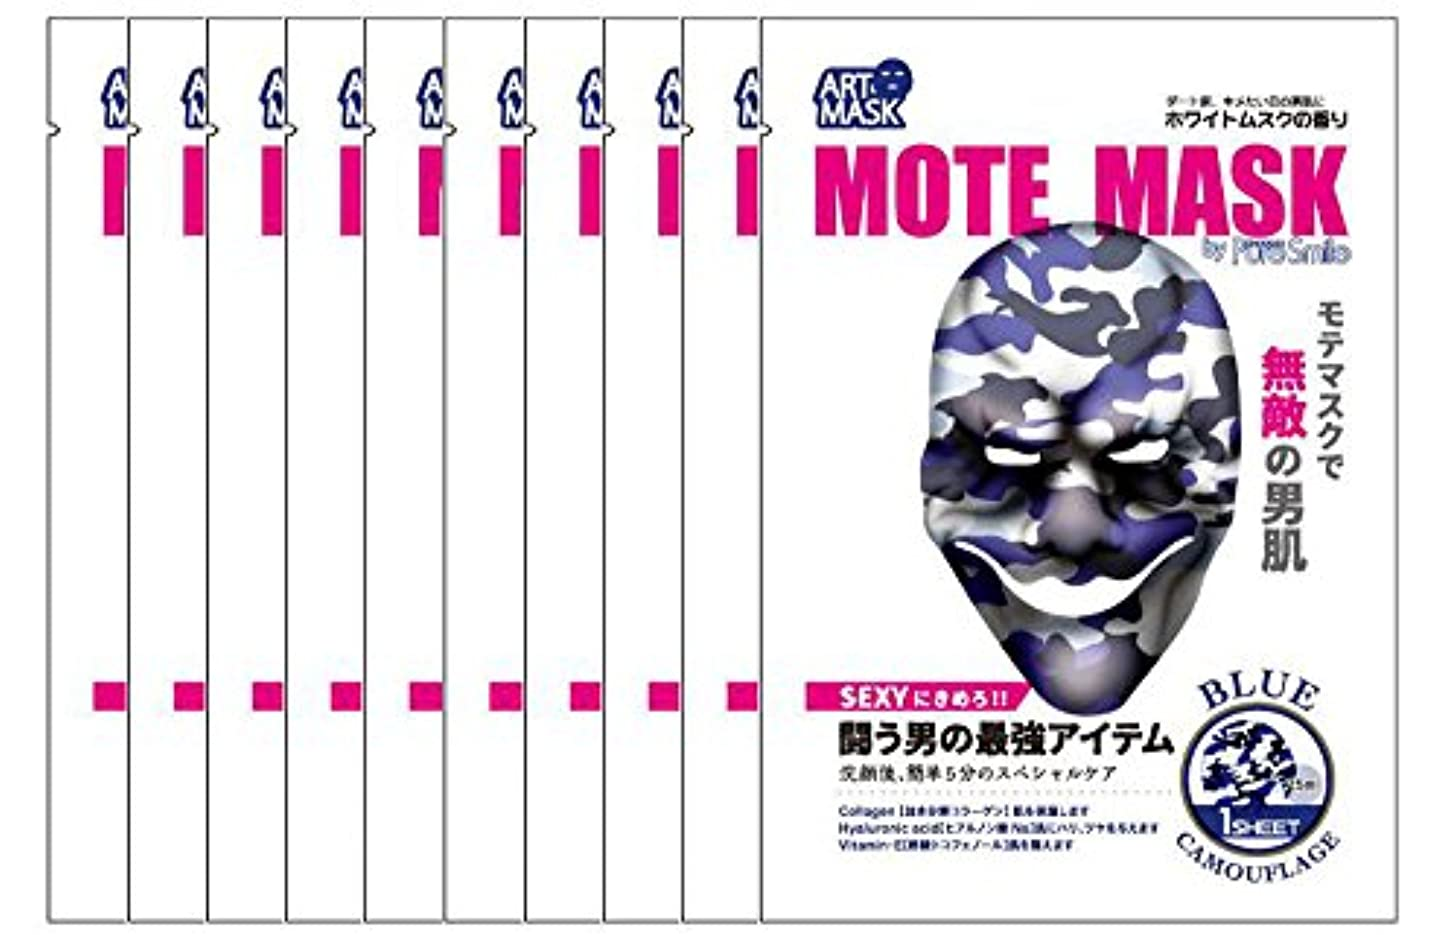 ブロック香港分ピュアスマイル アートマスク モテマスク MA-02 ホワイトムスクの香り 1枚入り ×10セット